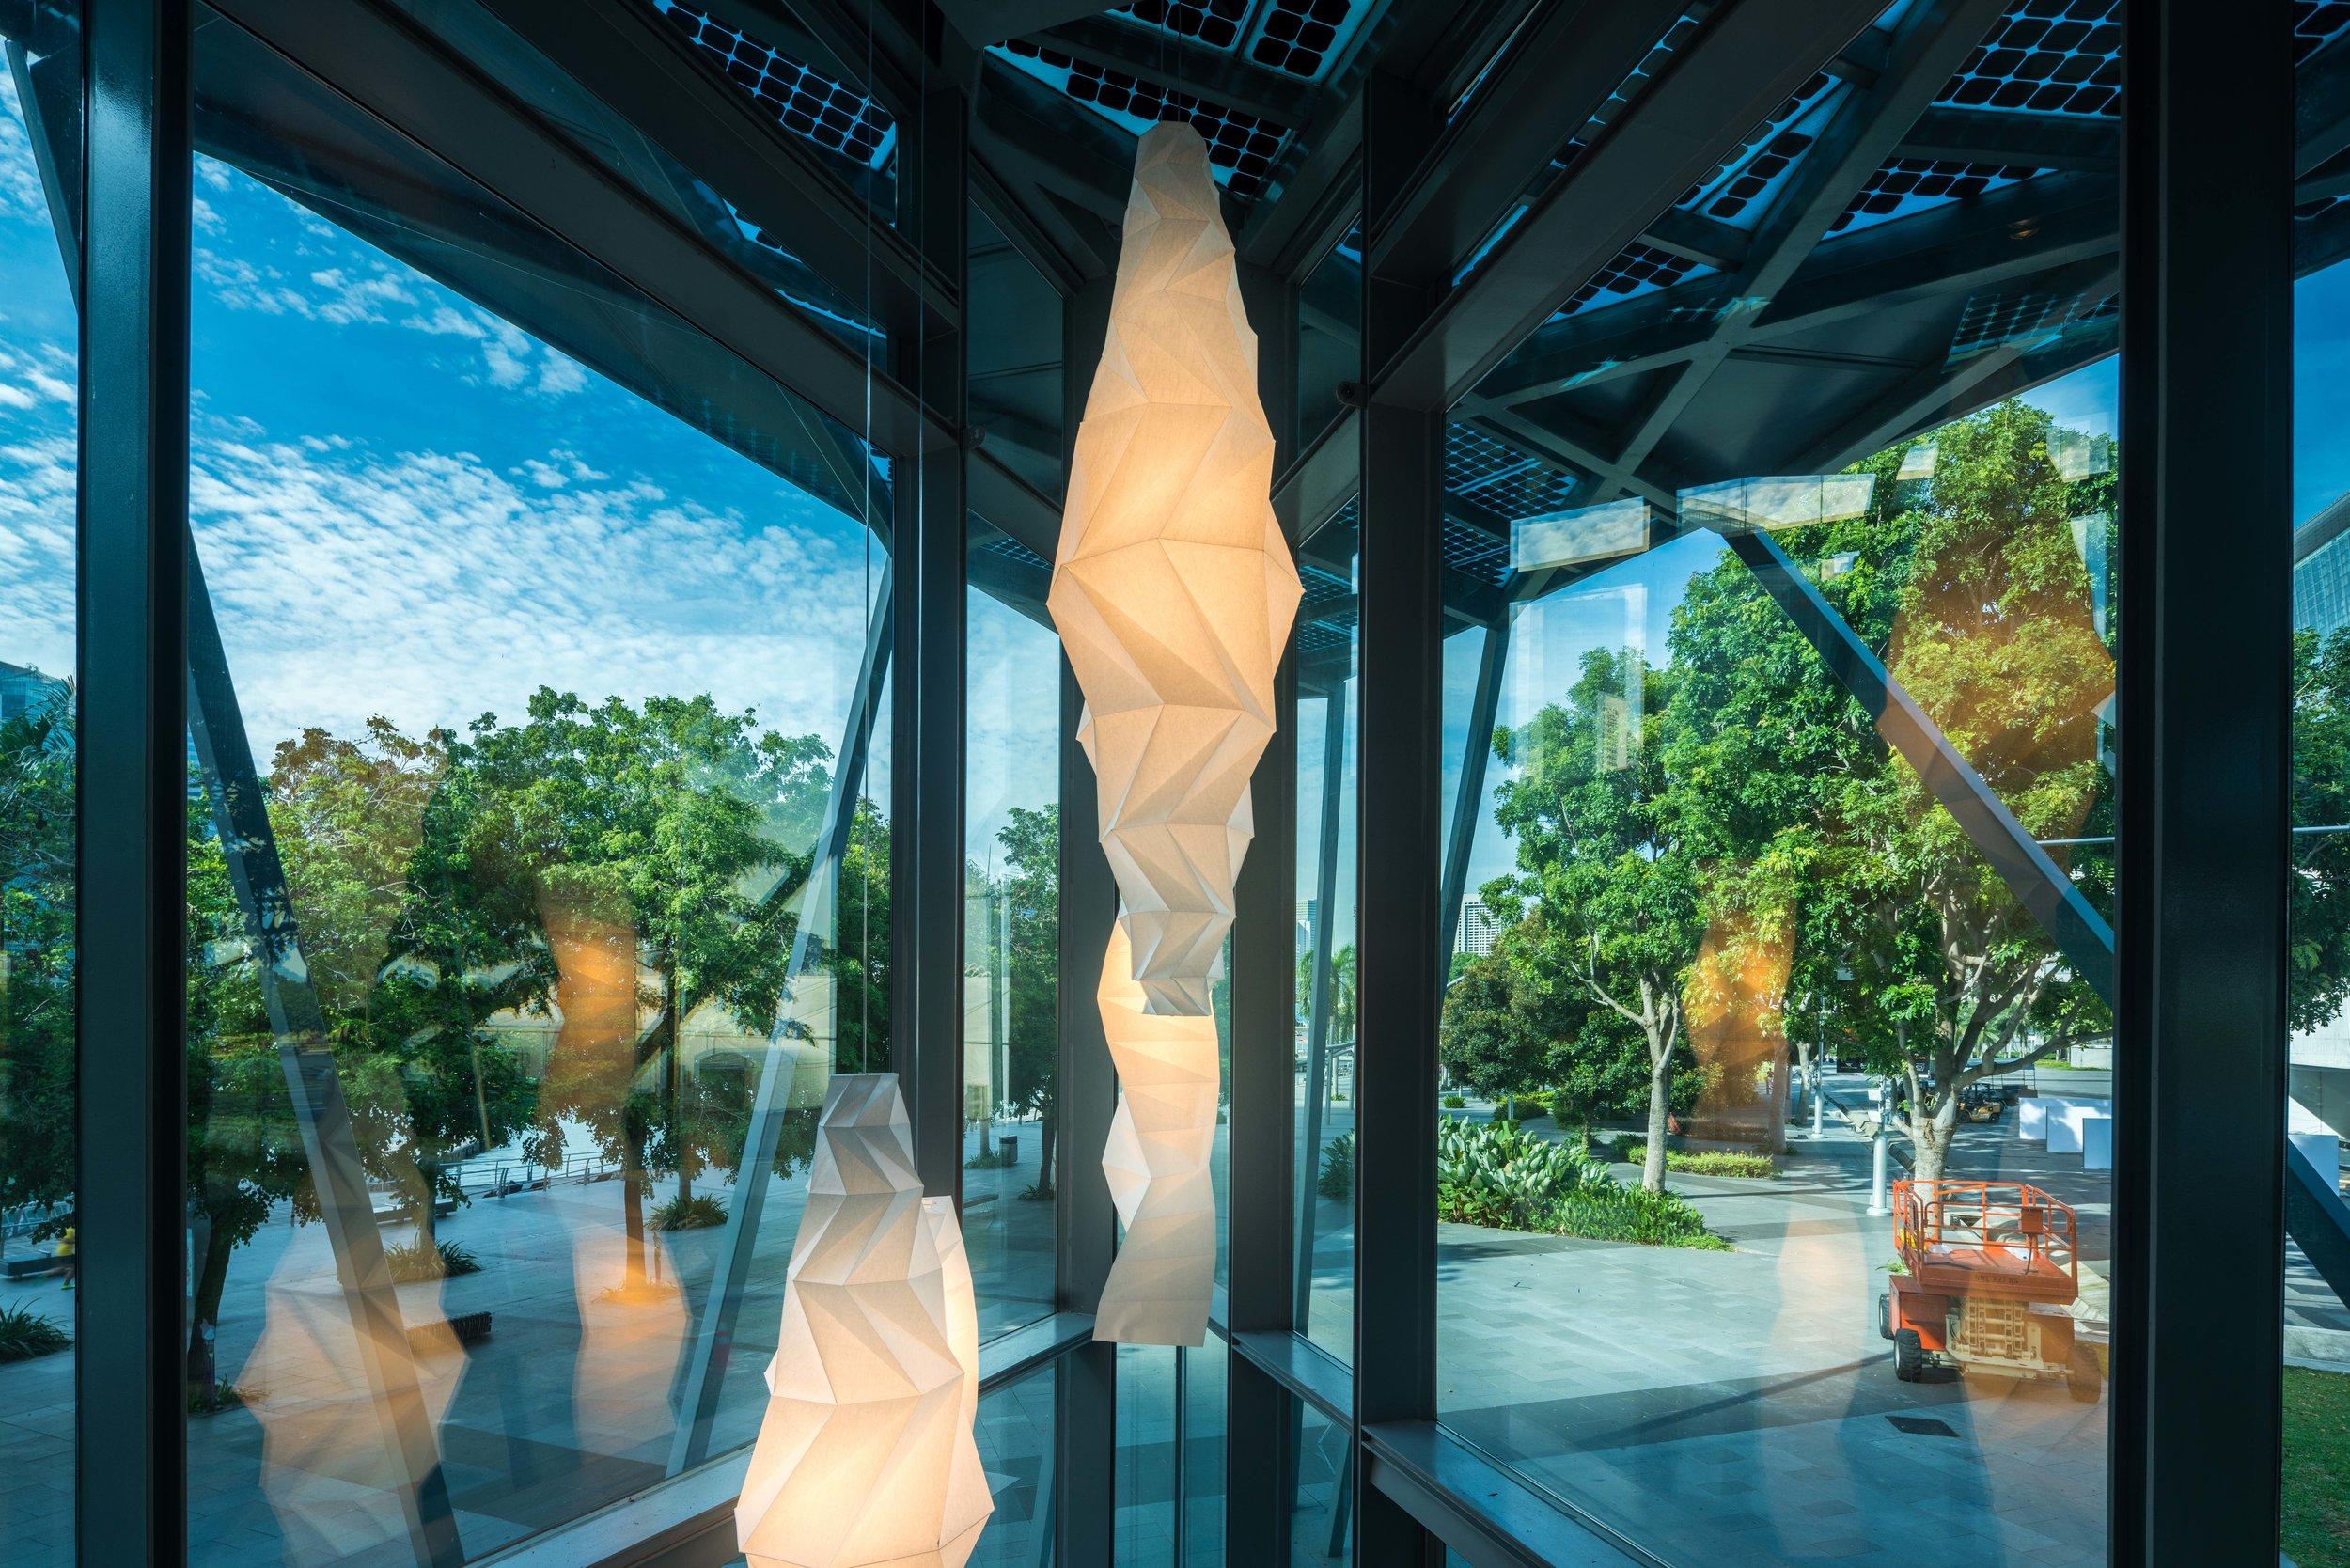 Lores_02_Building light installation 3.jpg